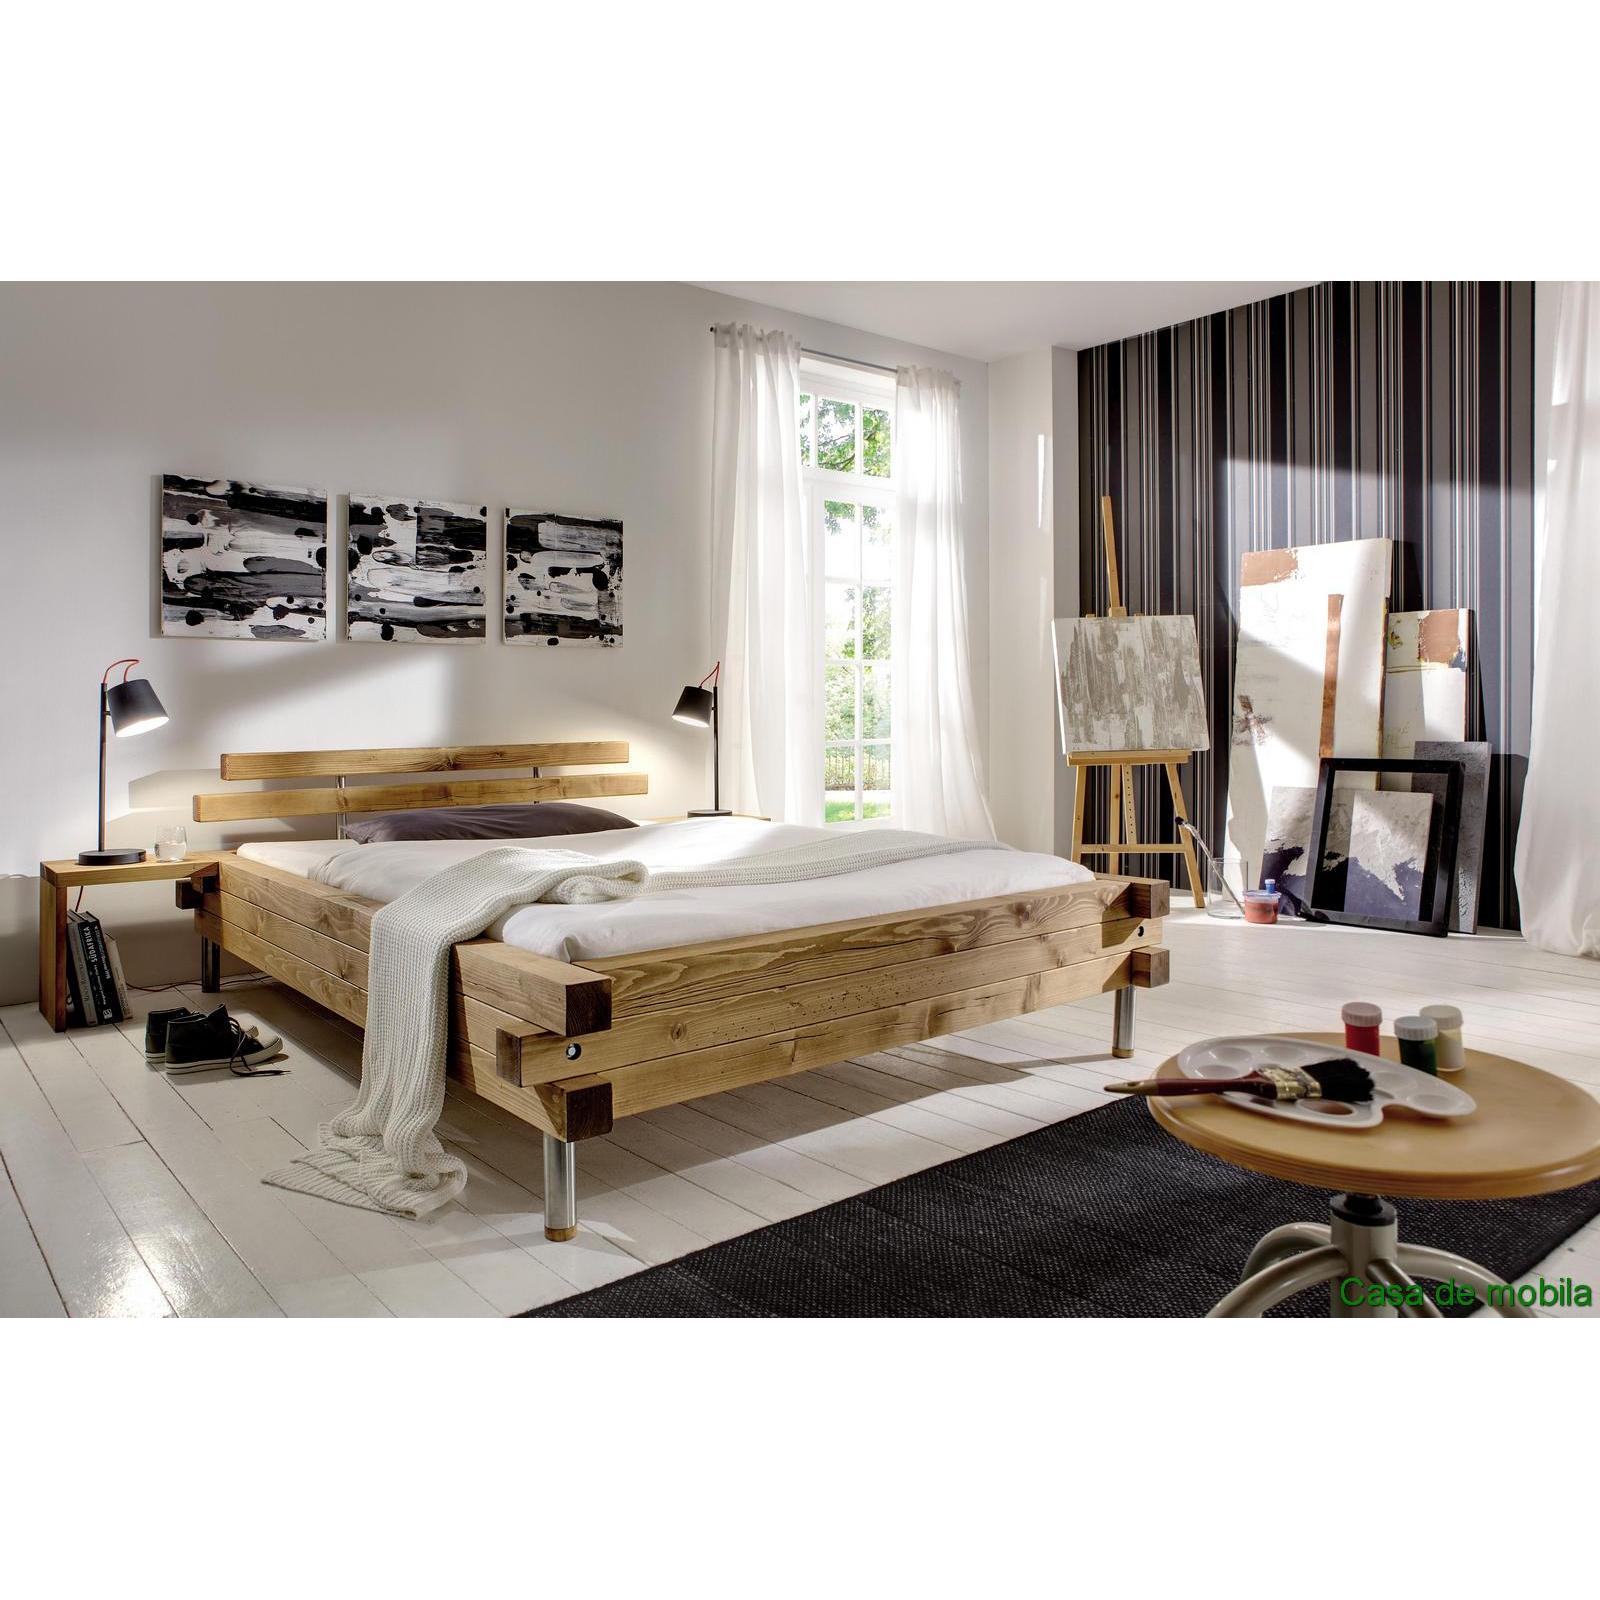 Bett 180x200 balkenbett rustikal doppelbett wildeiche for Bett 180x200